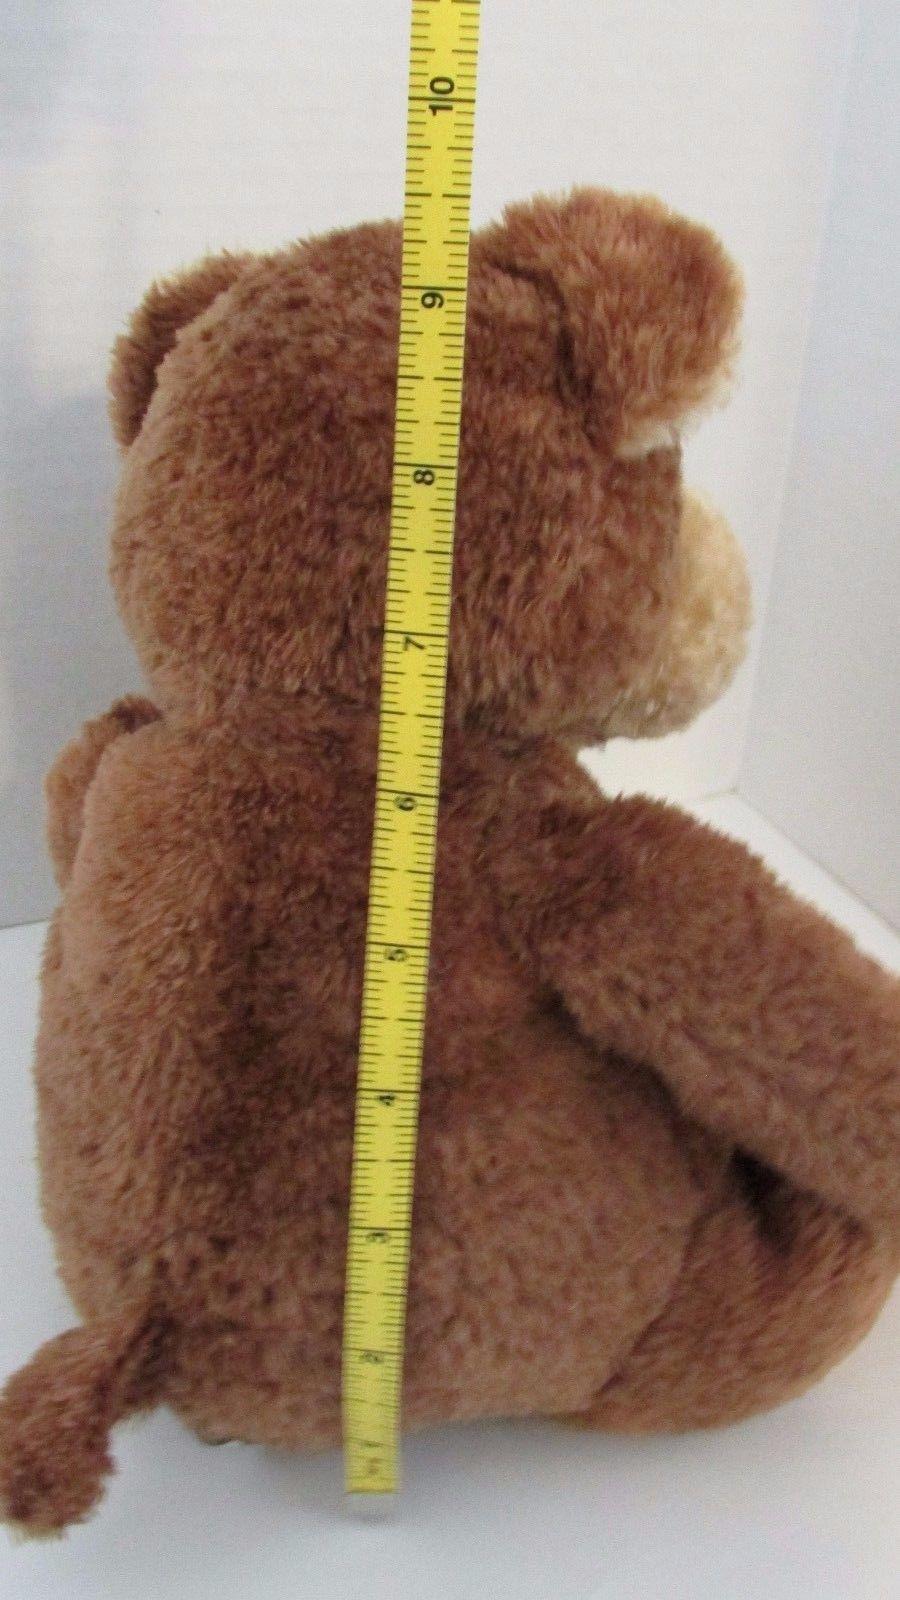 Mary Meyer Teddy Bear plush brown textured fur tan face ears feet seated